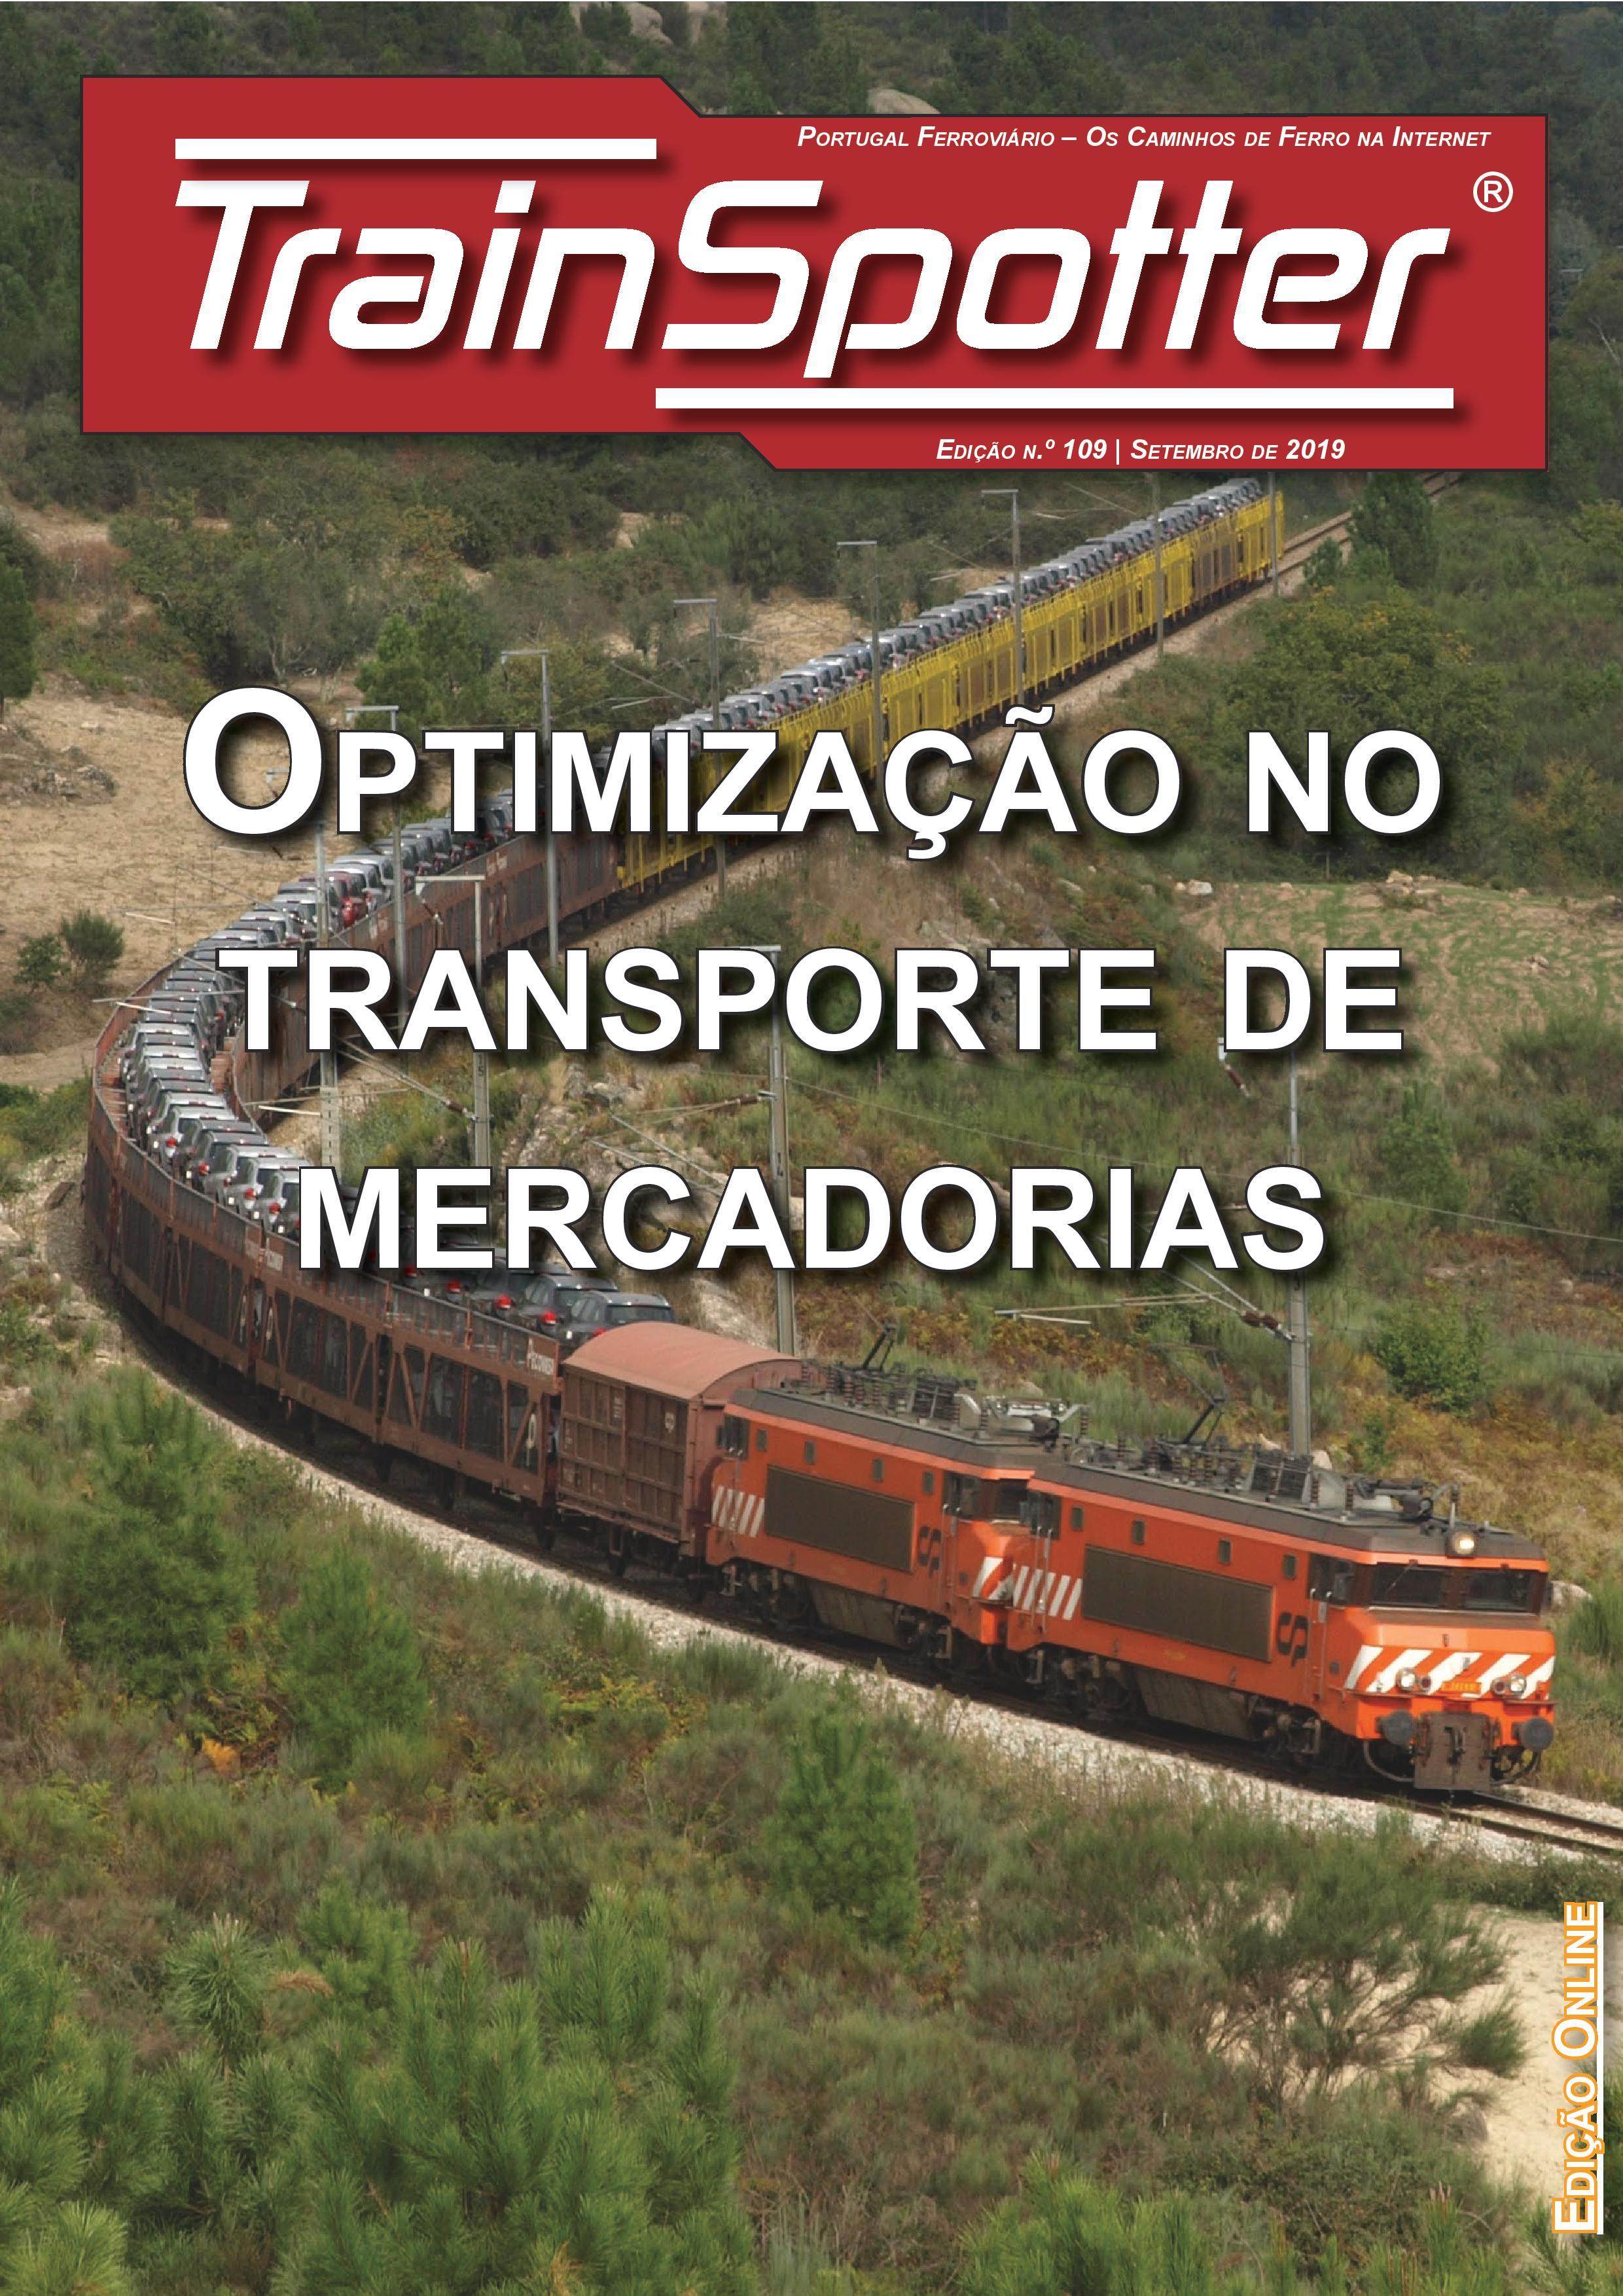 Trainspotter nº 109 – Setembro de 2019